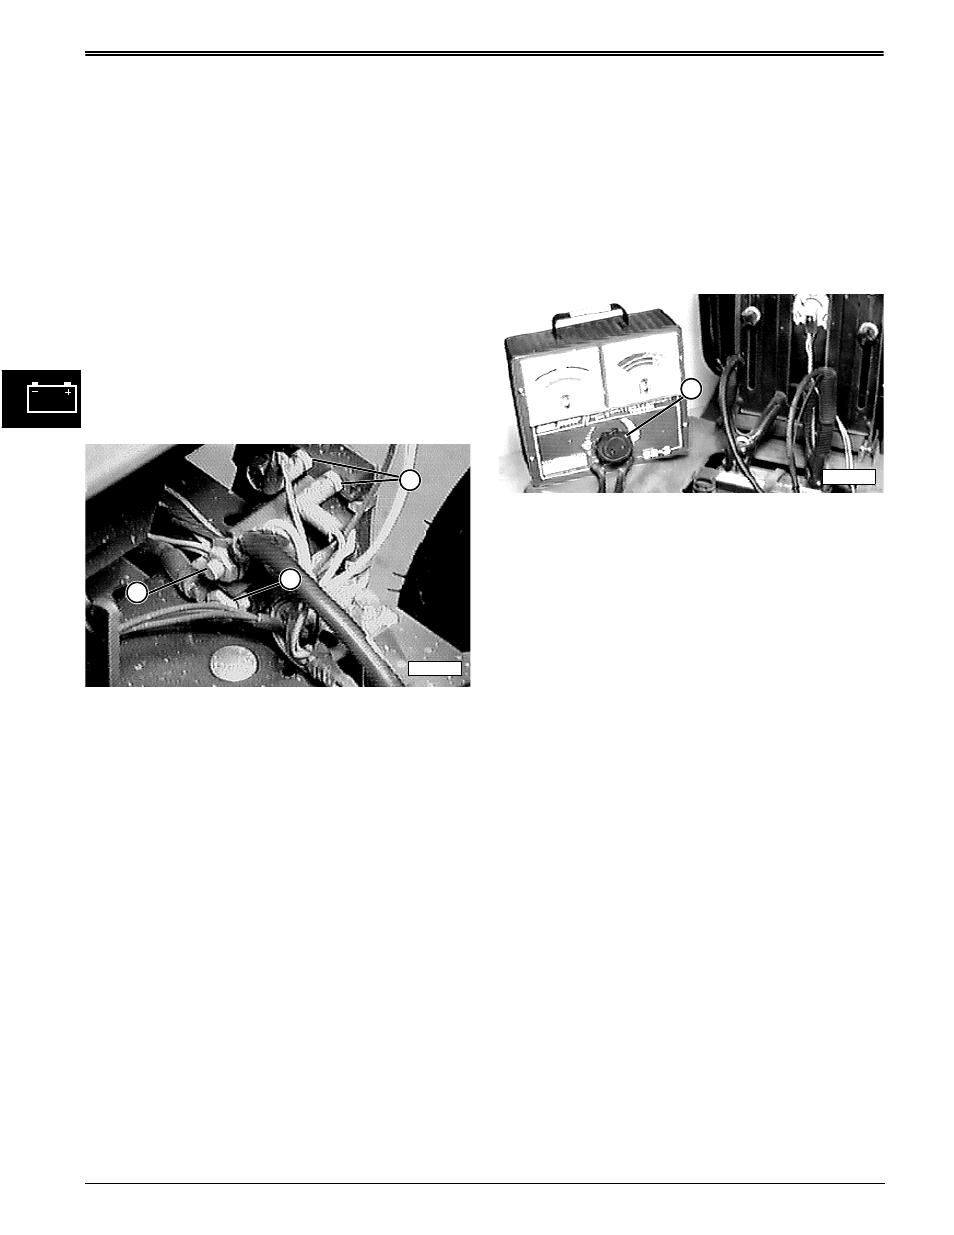 John Deere Stx38 Starter Best Deer Photos Stx 38 Wiring Diagram Engine Solenoid Test Draw User